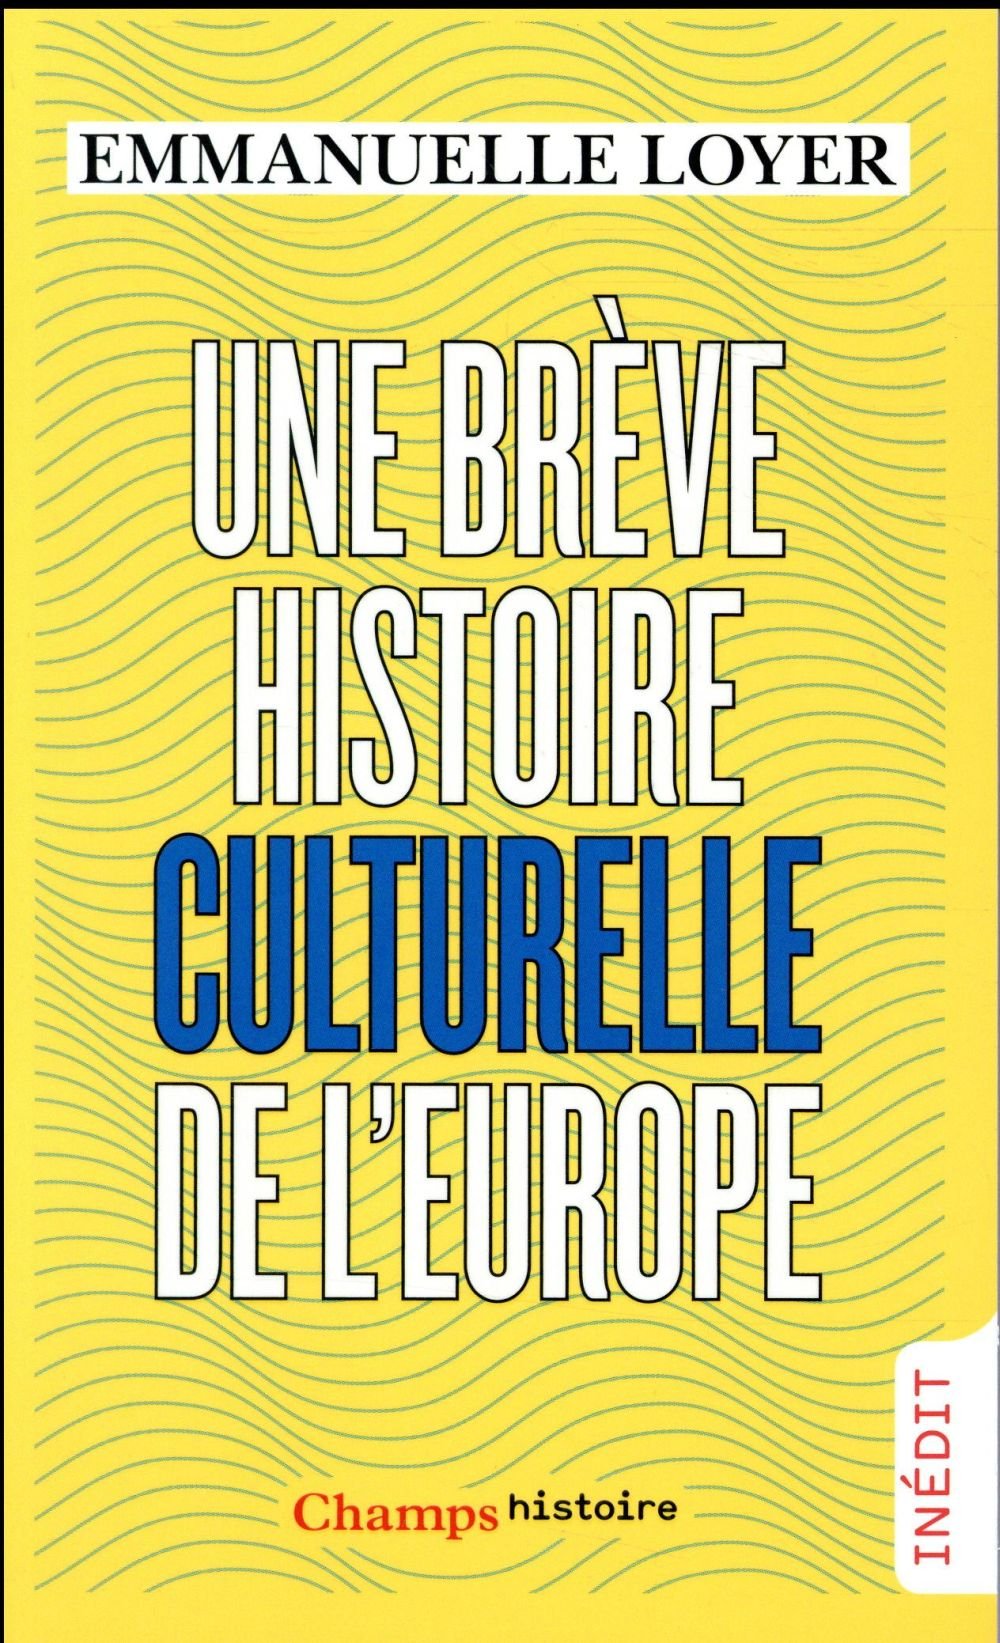 Une brève histoire culturelle de l'europe